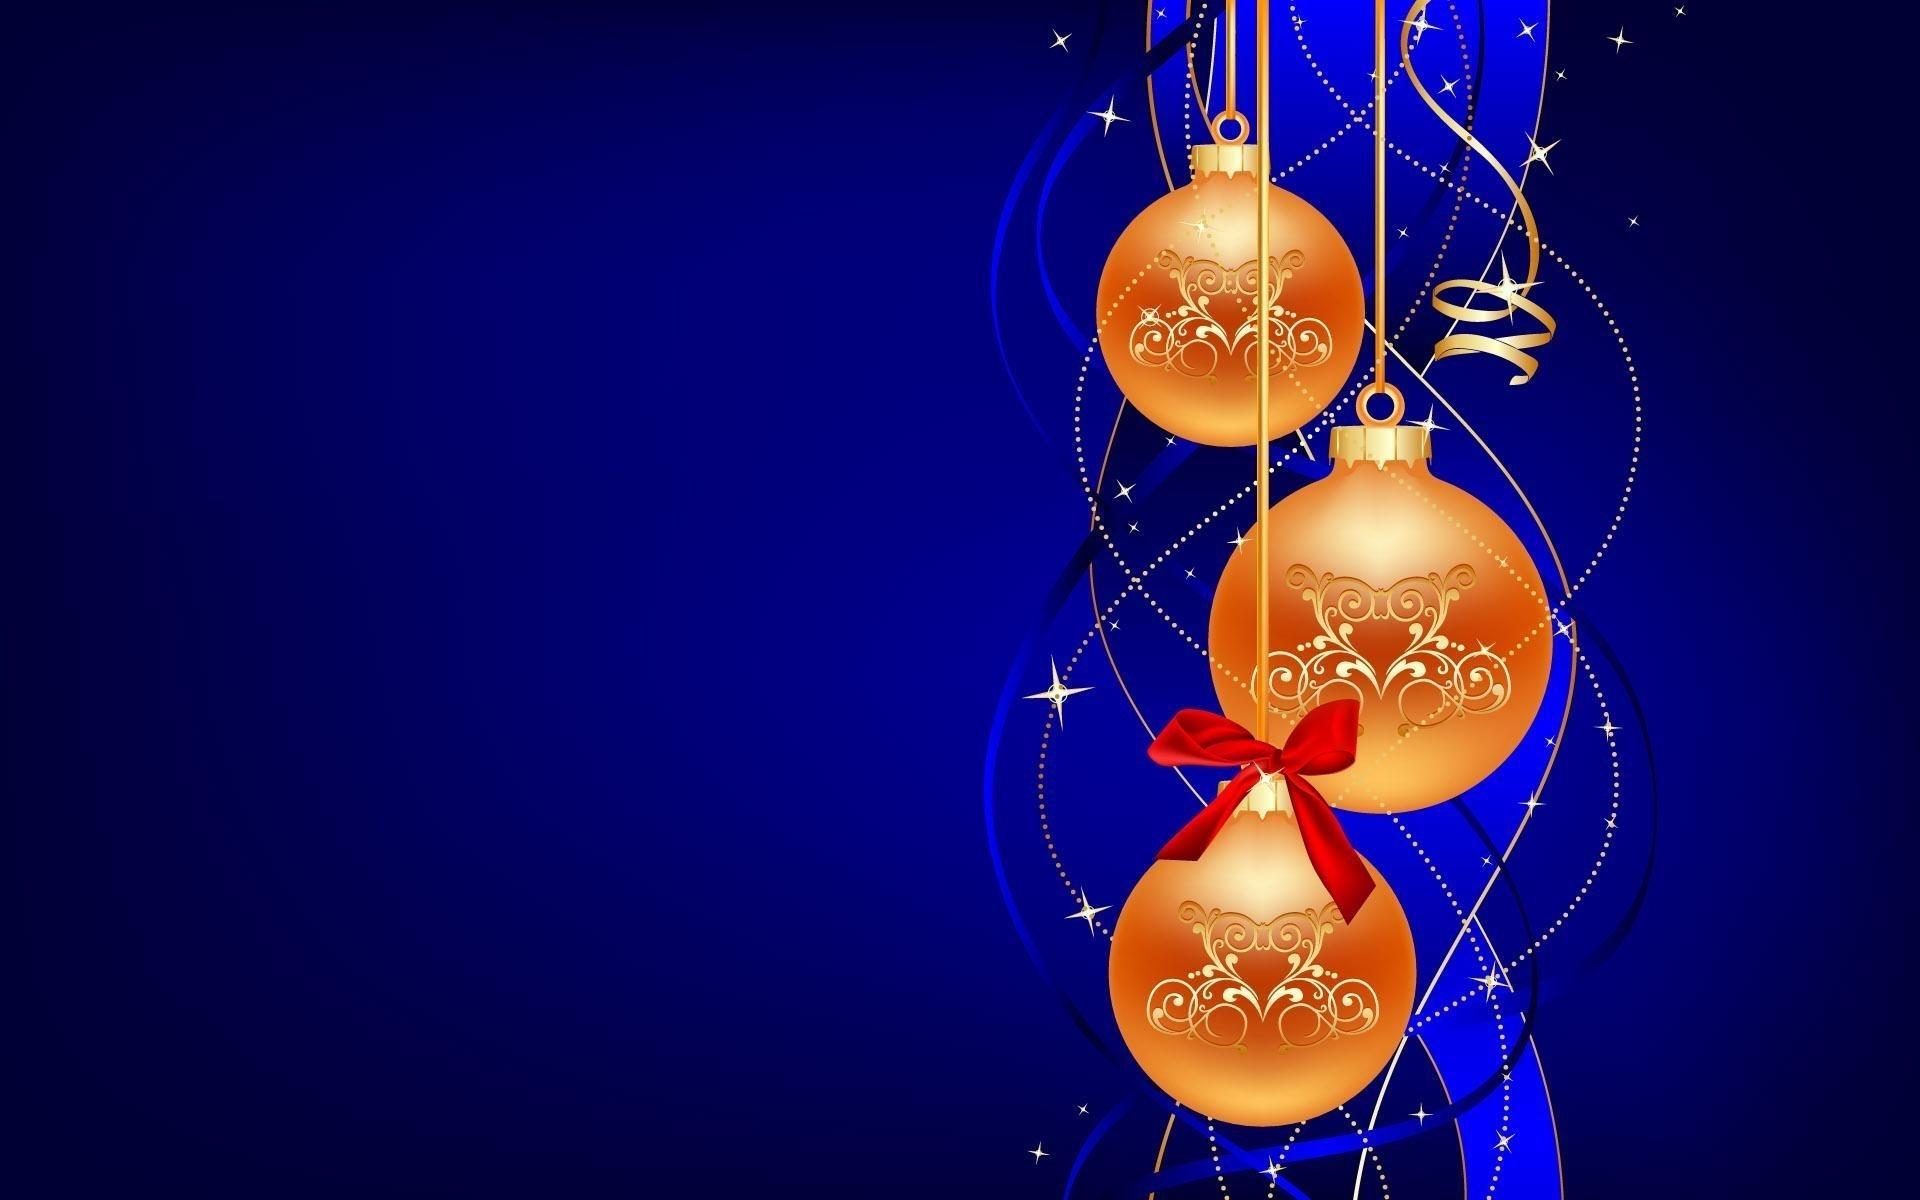 2275 Заставки и Обои Новый Год (New Year) на телефон. Скачать Новый Год (New Year), Праздники, Фон, Рождество (Christmas, Xmas) картинки бесплатно